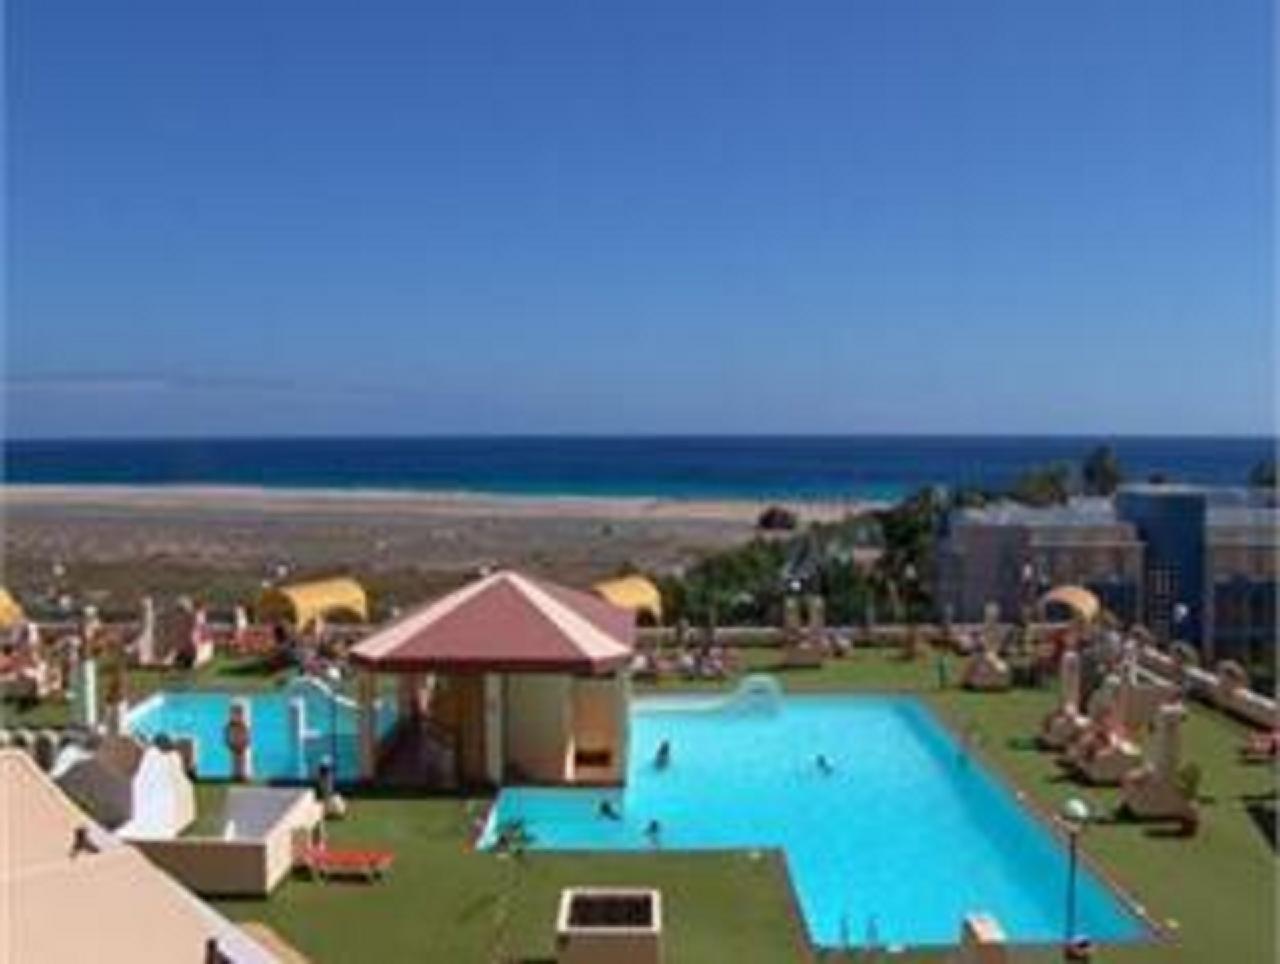 Ferienwohnung Apartment 2 / 4er Direkt am Meer, mit Blick auf den Strand, Schwimmbäder, ausgestattet. WI (487787), Morro Jable, Fuerteventura, Kanarische Inseln, Spanien, Bild 17